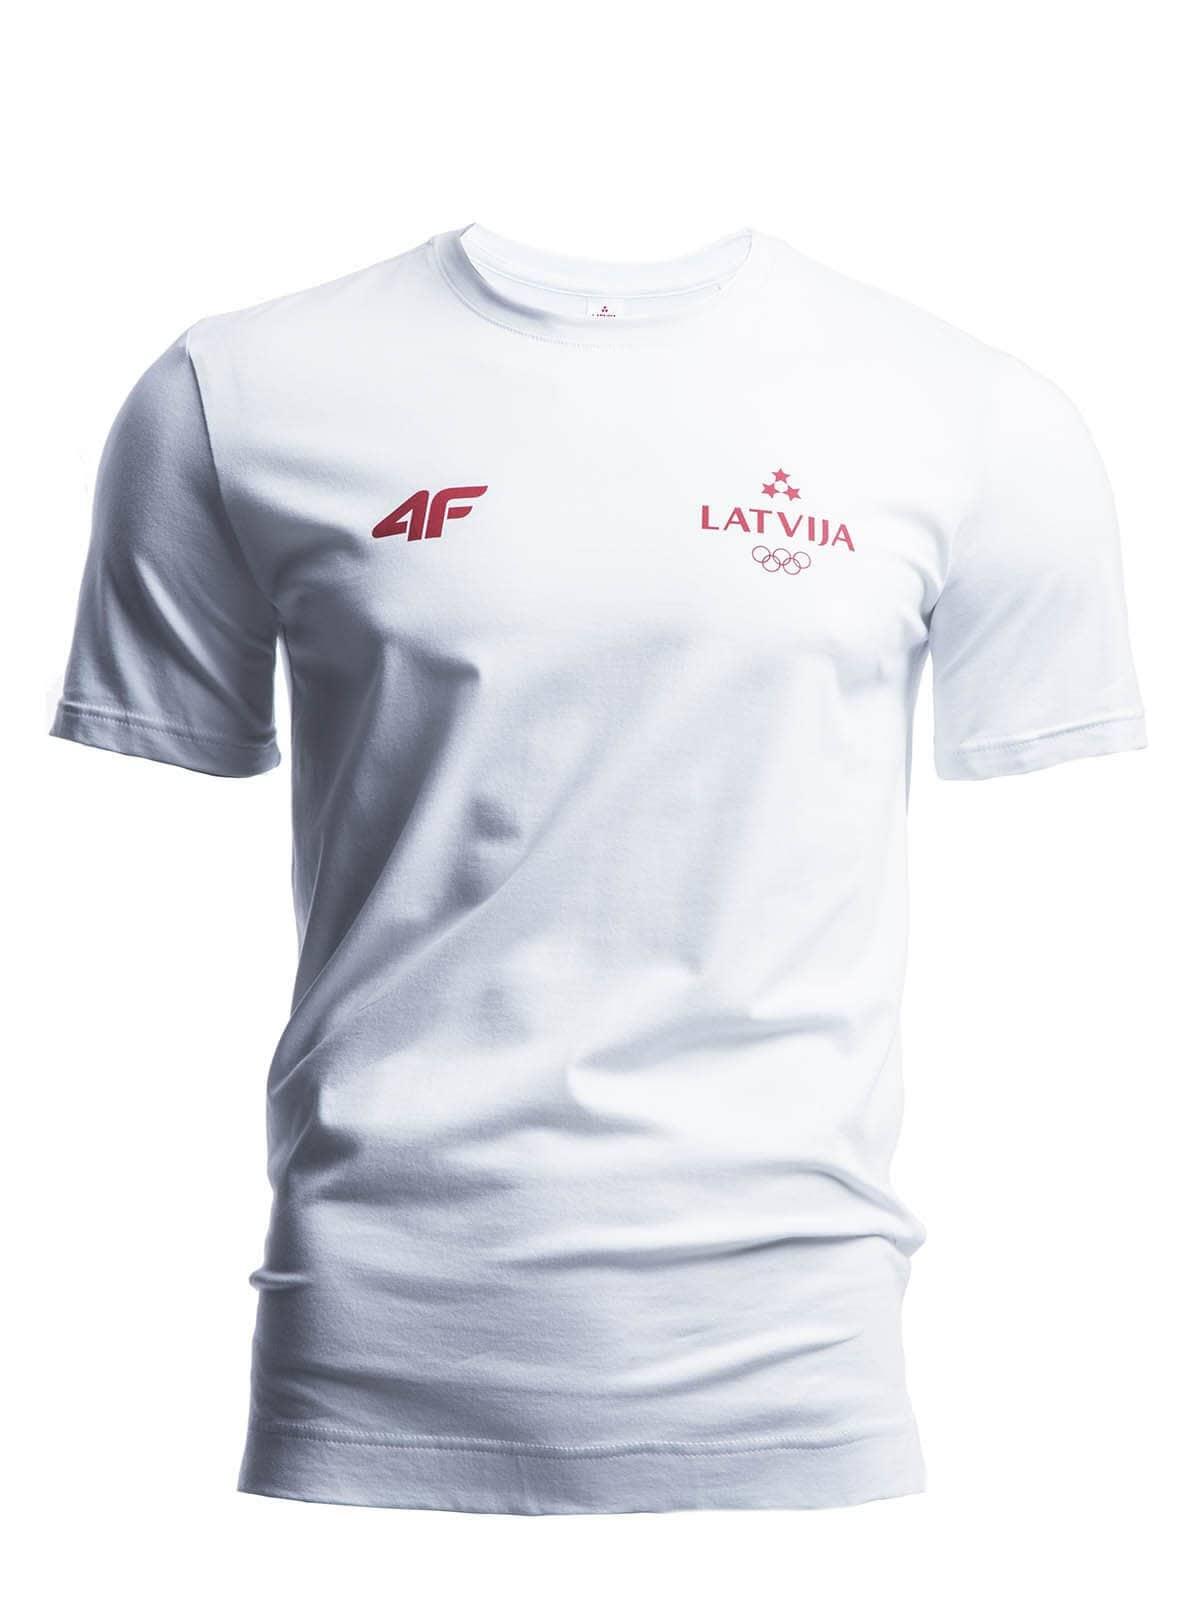 14e4fcf97594a7 Koszulka męska Łotwa Pyeongchang 2018 TSM800 - biały